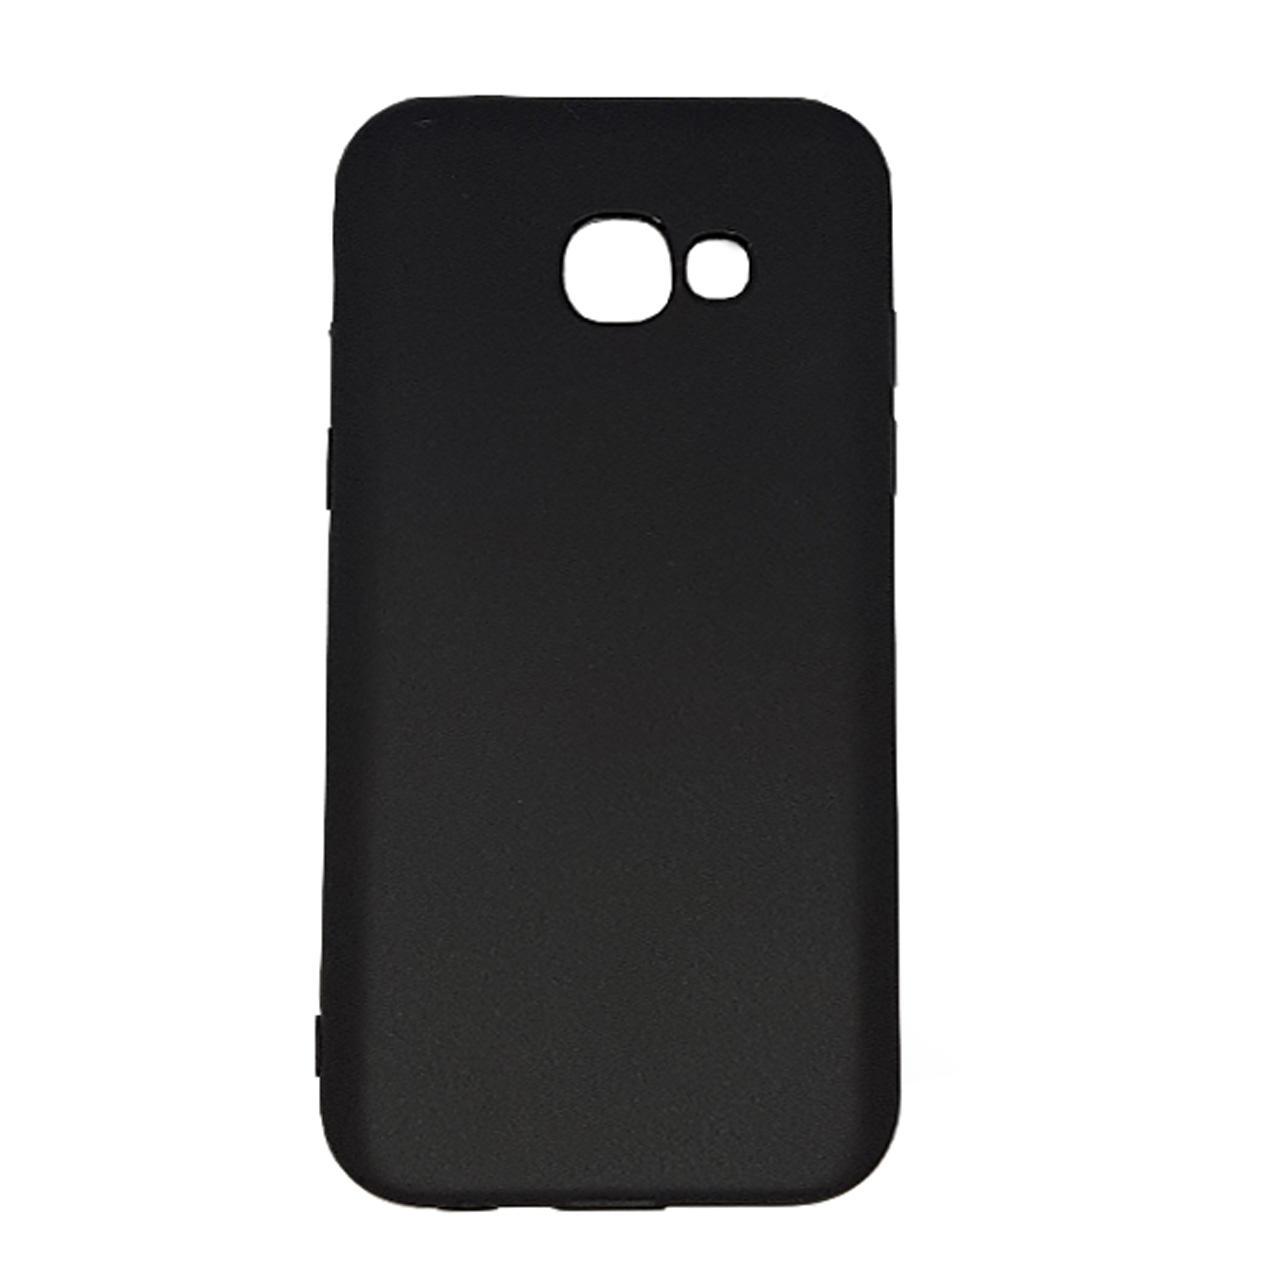 کاور ژله ای مدل S-51 مناسب برای گوشی موبایل سامسونگ  Galaxy A5 2017              ( قیمت و خرید)